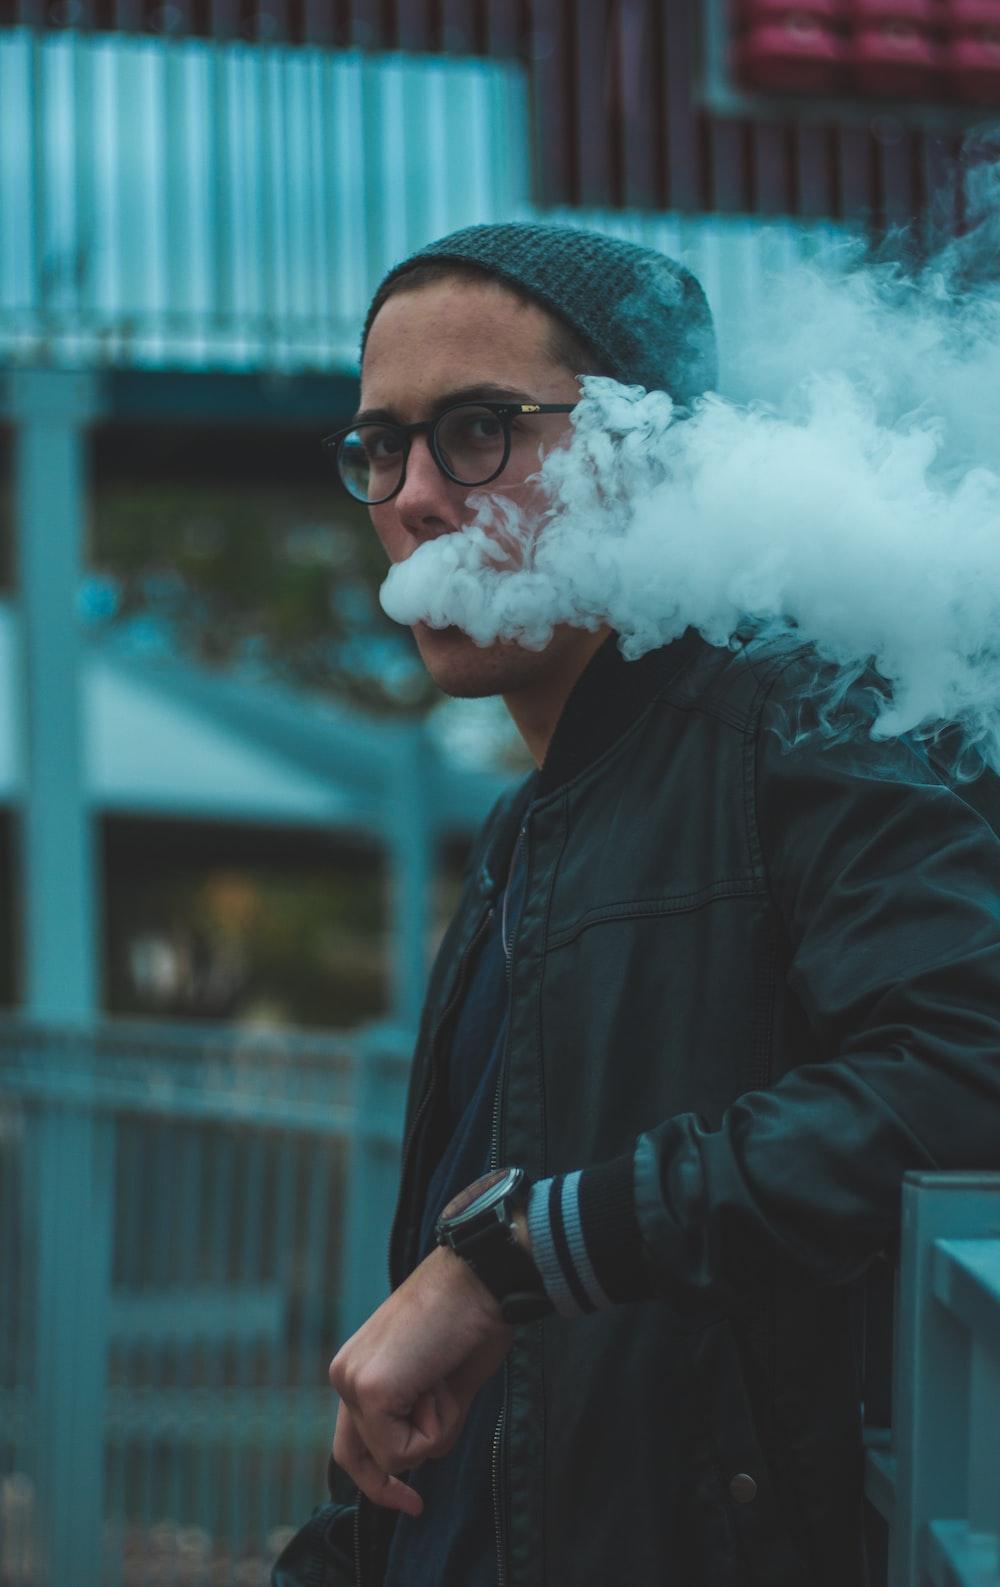 man vaping smoke